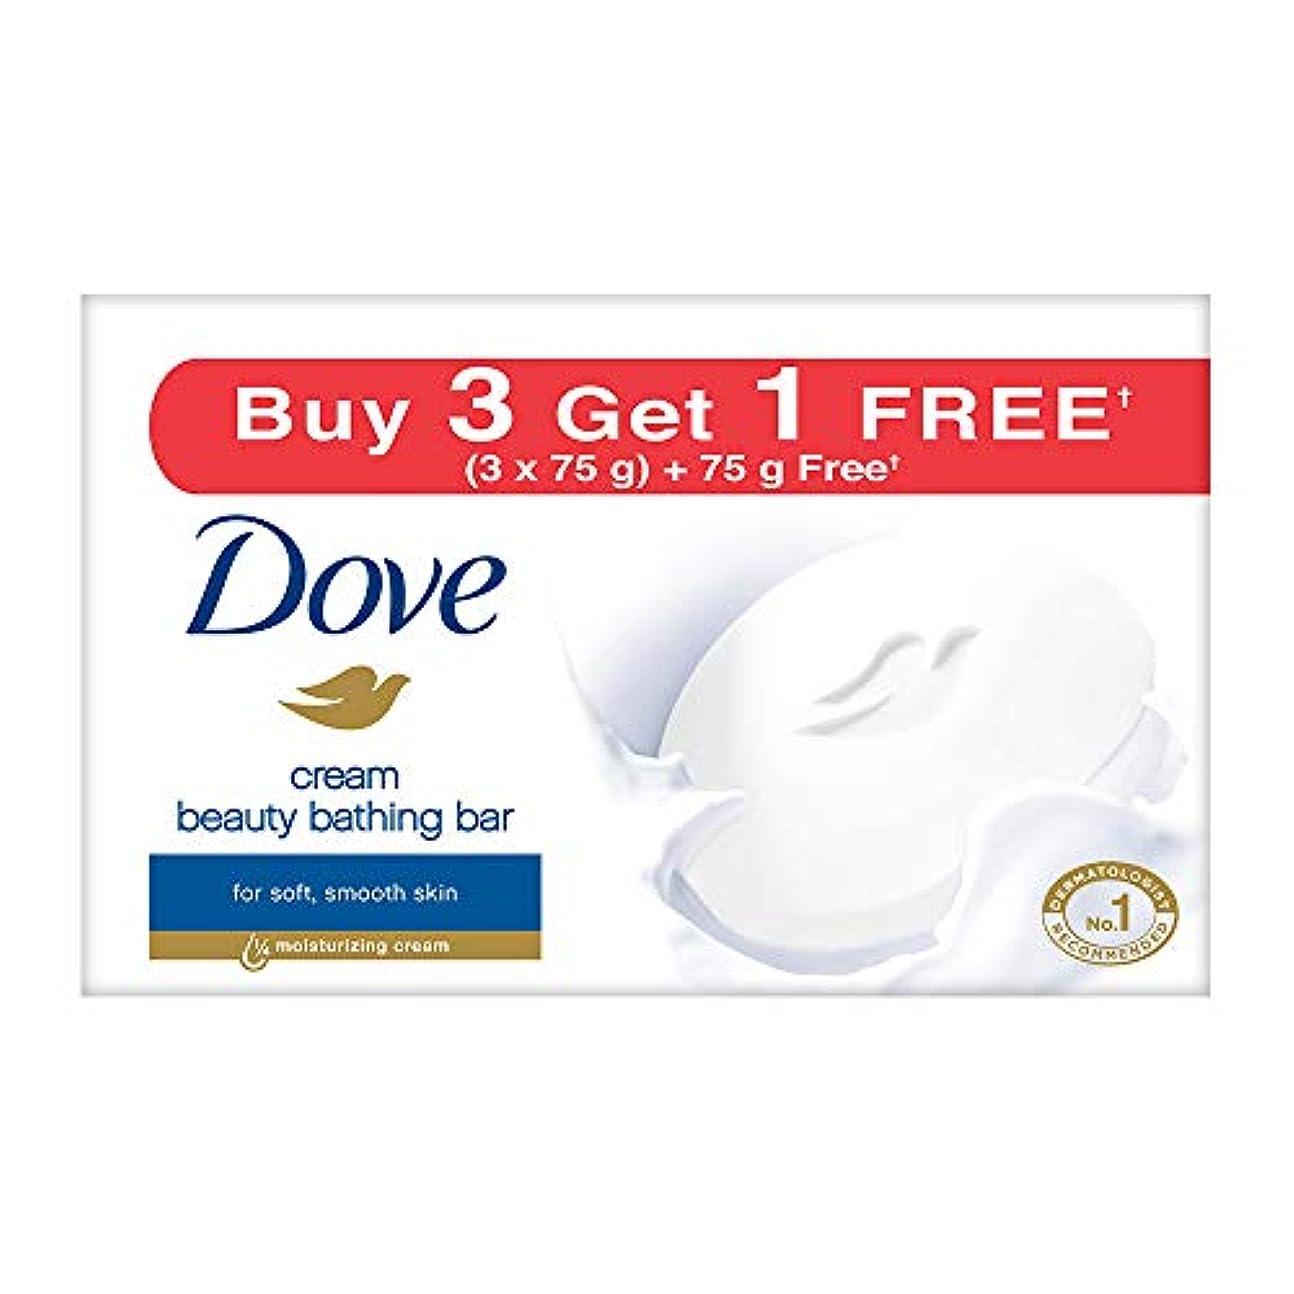 マリン痴漢誇張Dove Cream Beauty Bathing Bar, 4x75g